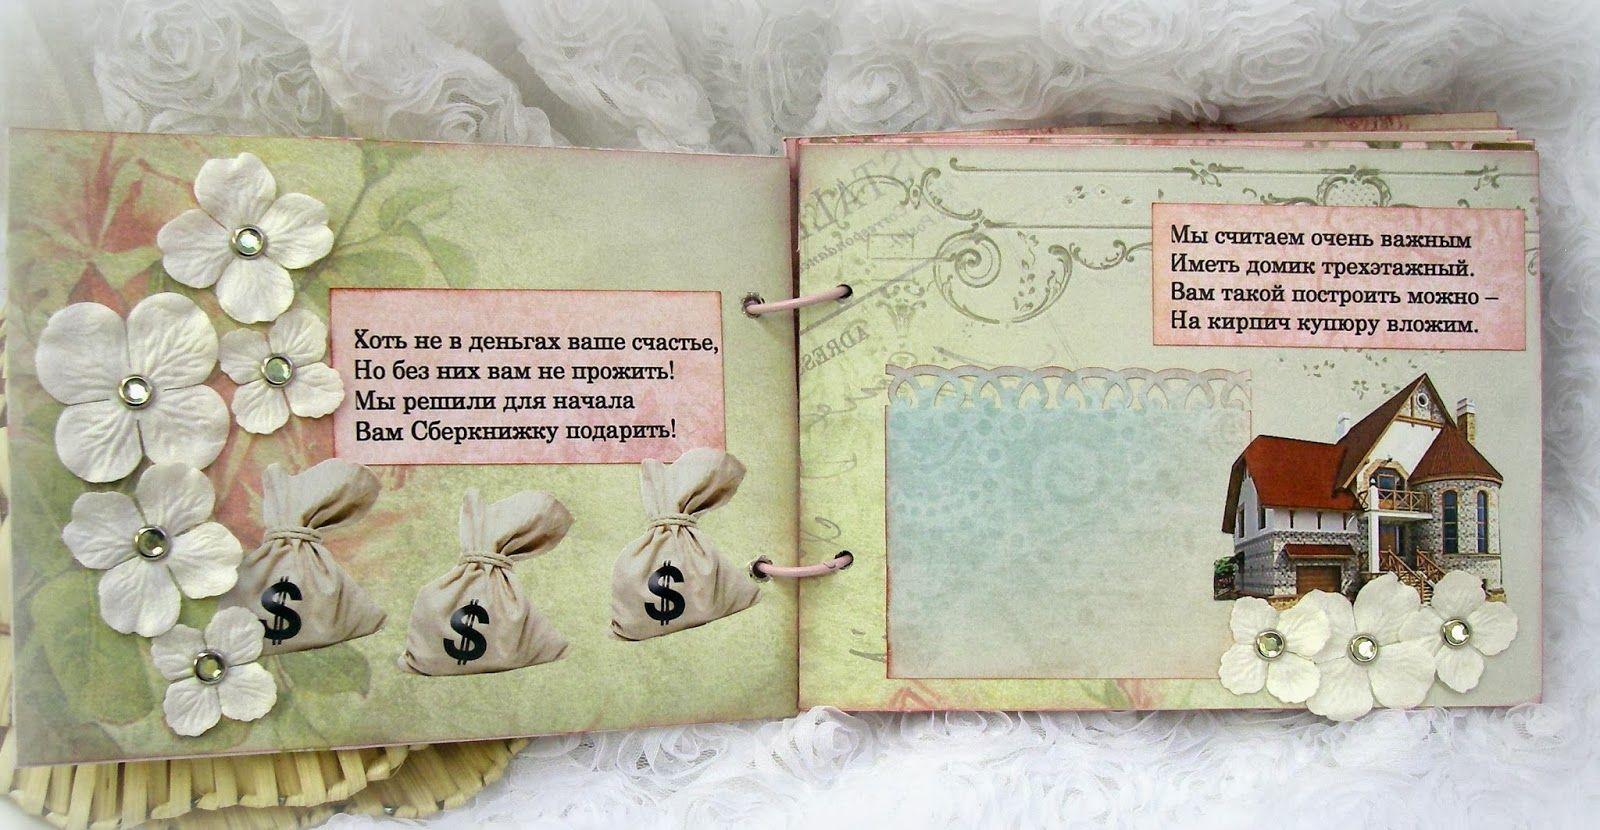 Стихи к подарку фотоальбом - Поздравок 3